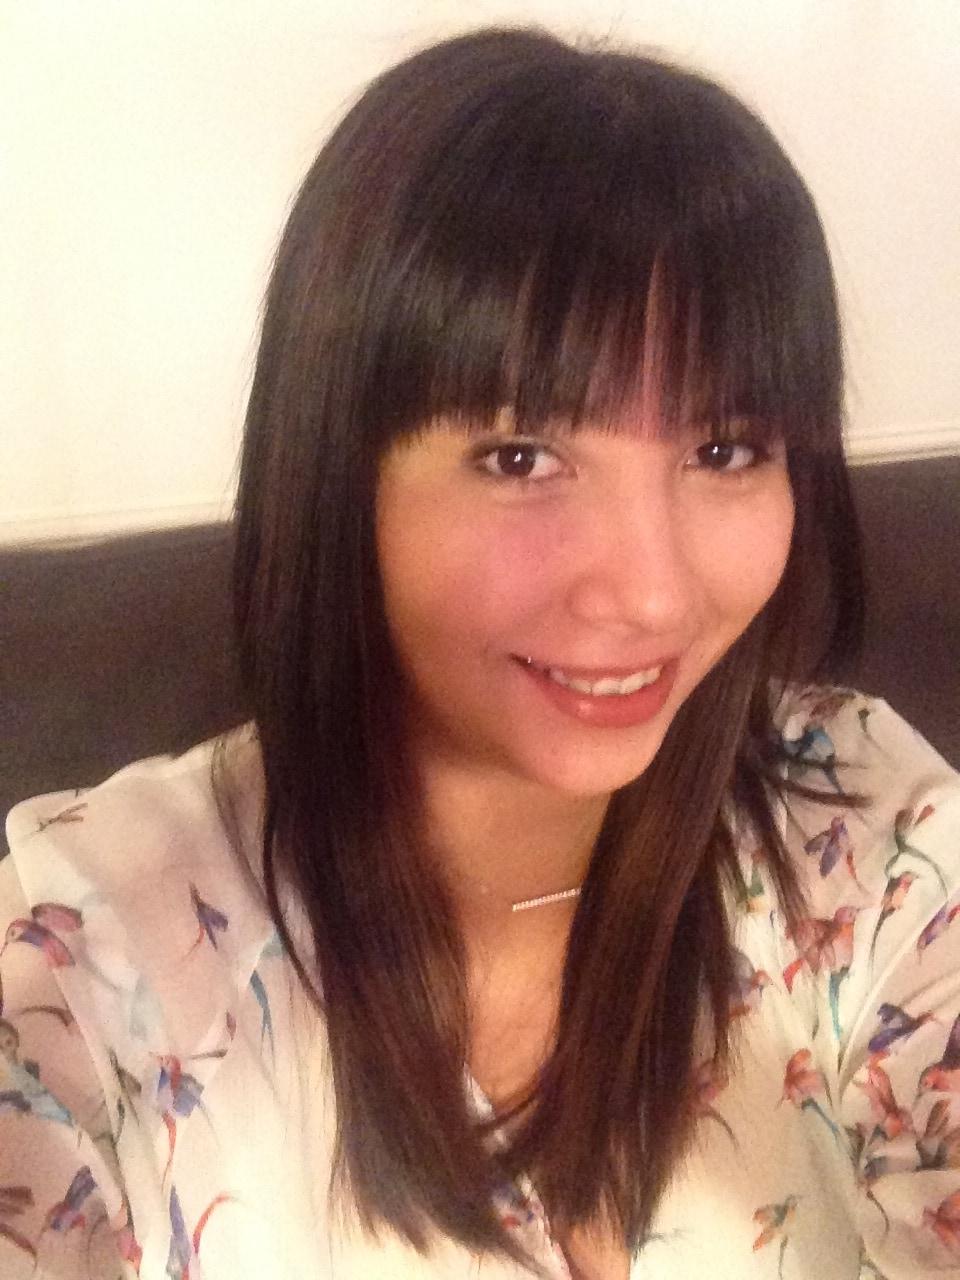 Isawara from Lyon